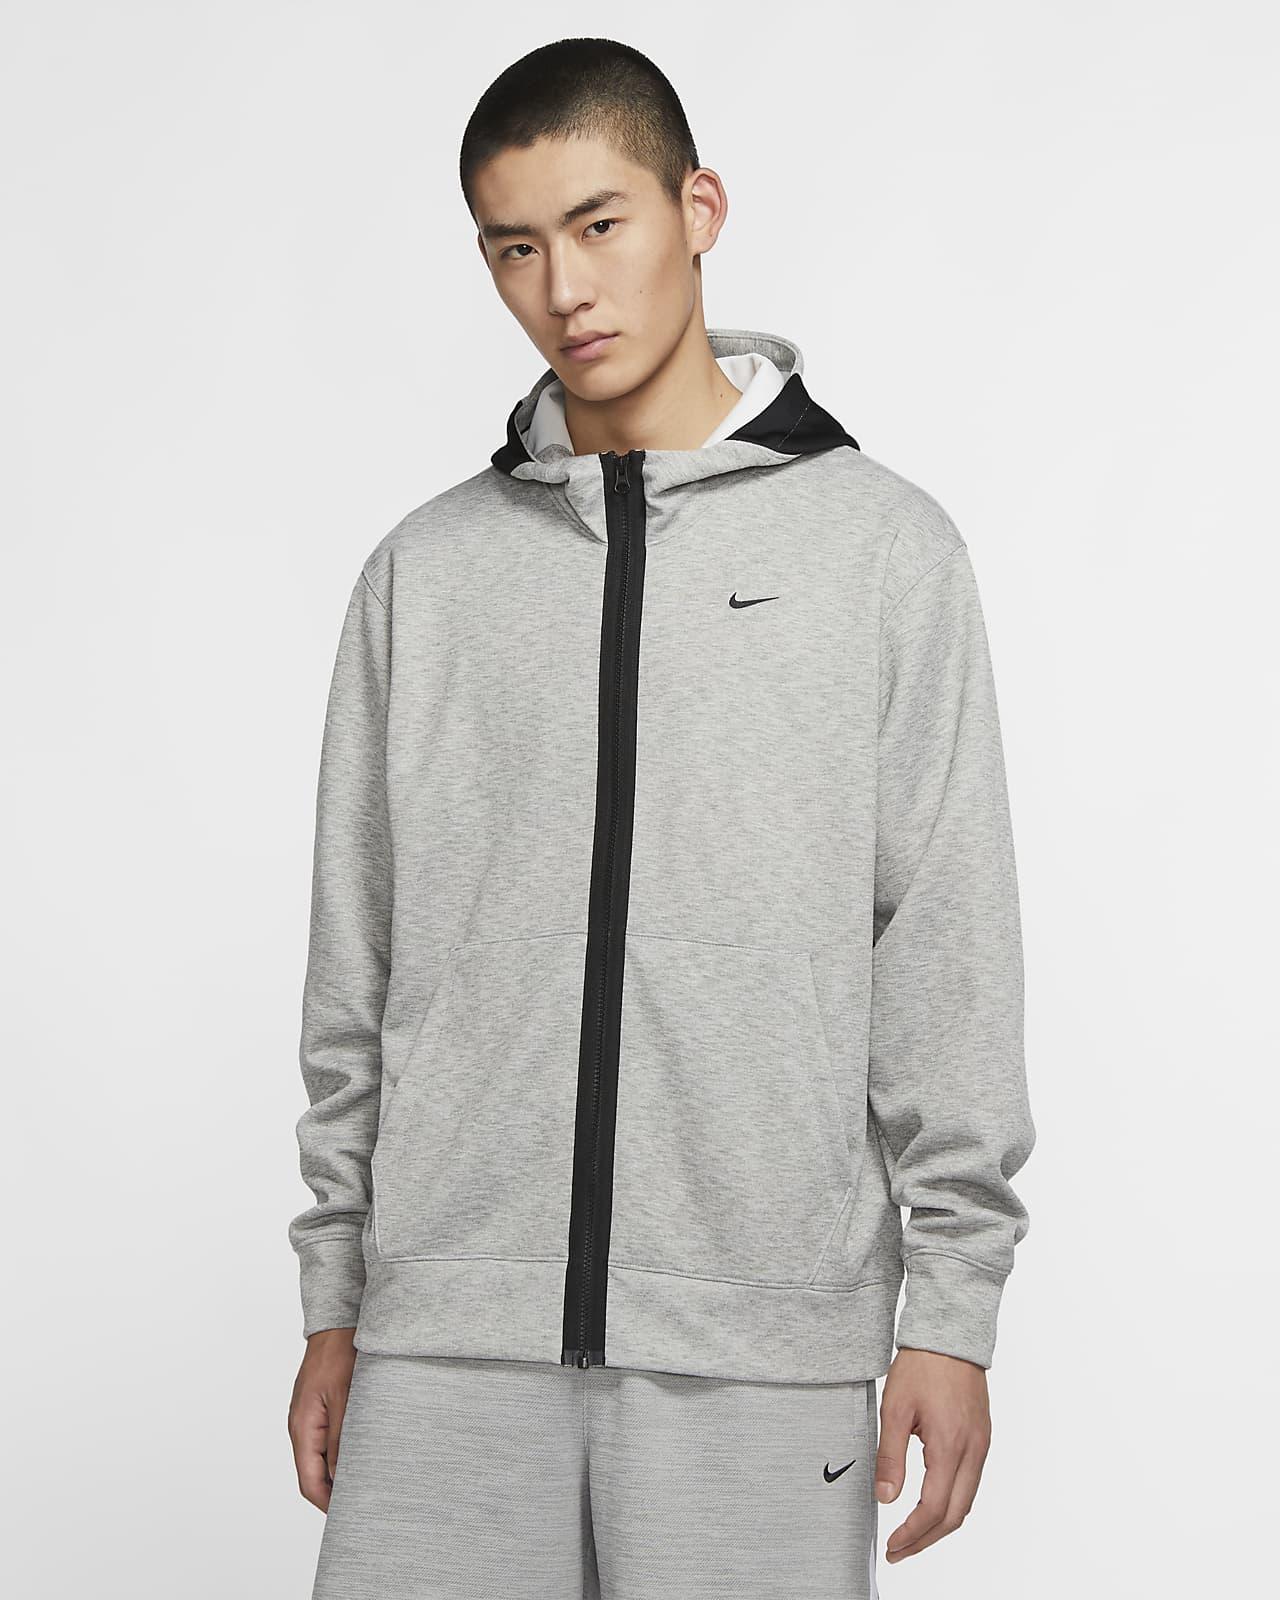 Baskethuvtröja Nike Spotlight för män